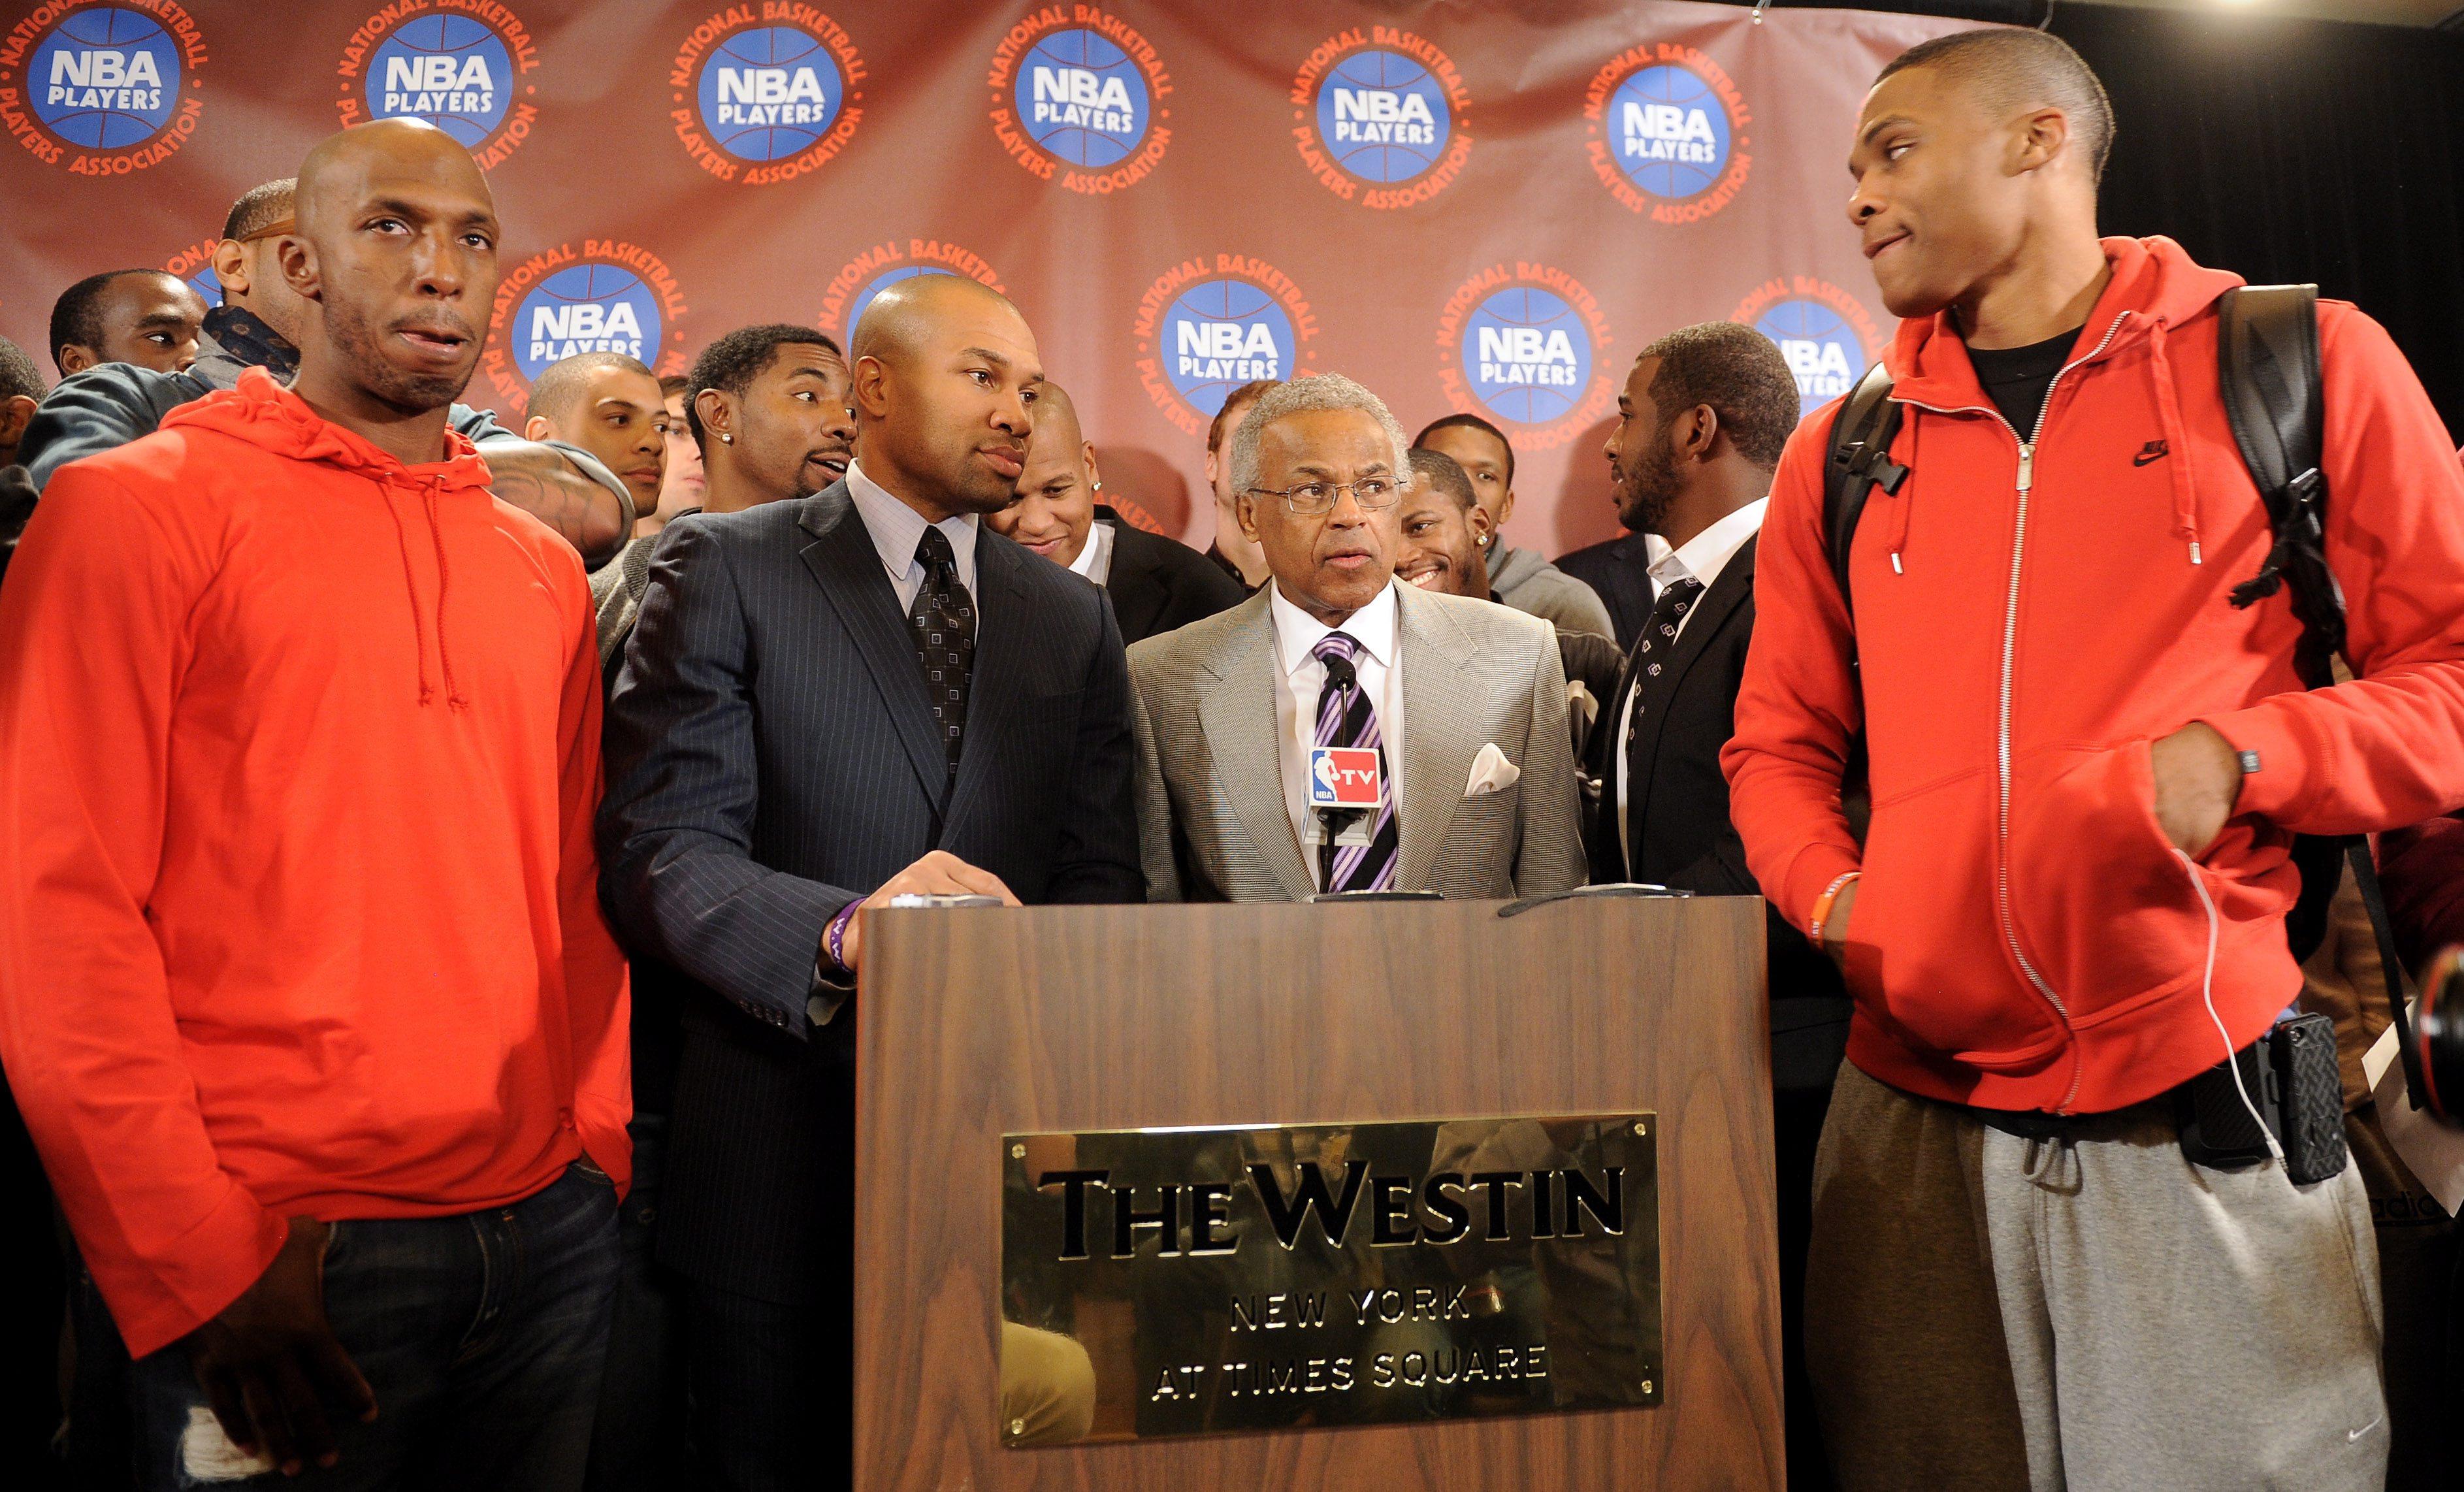 Играчи от НБА подадоха жалби в съда срещу собствениците на клубове